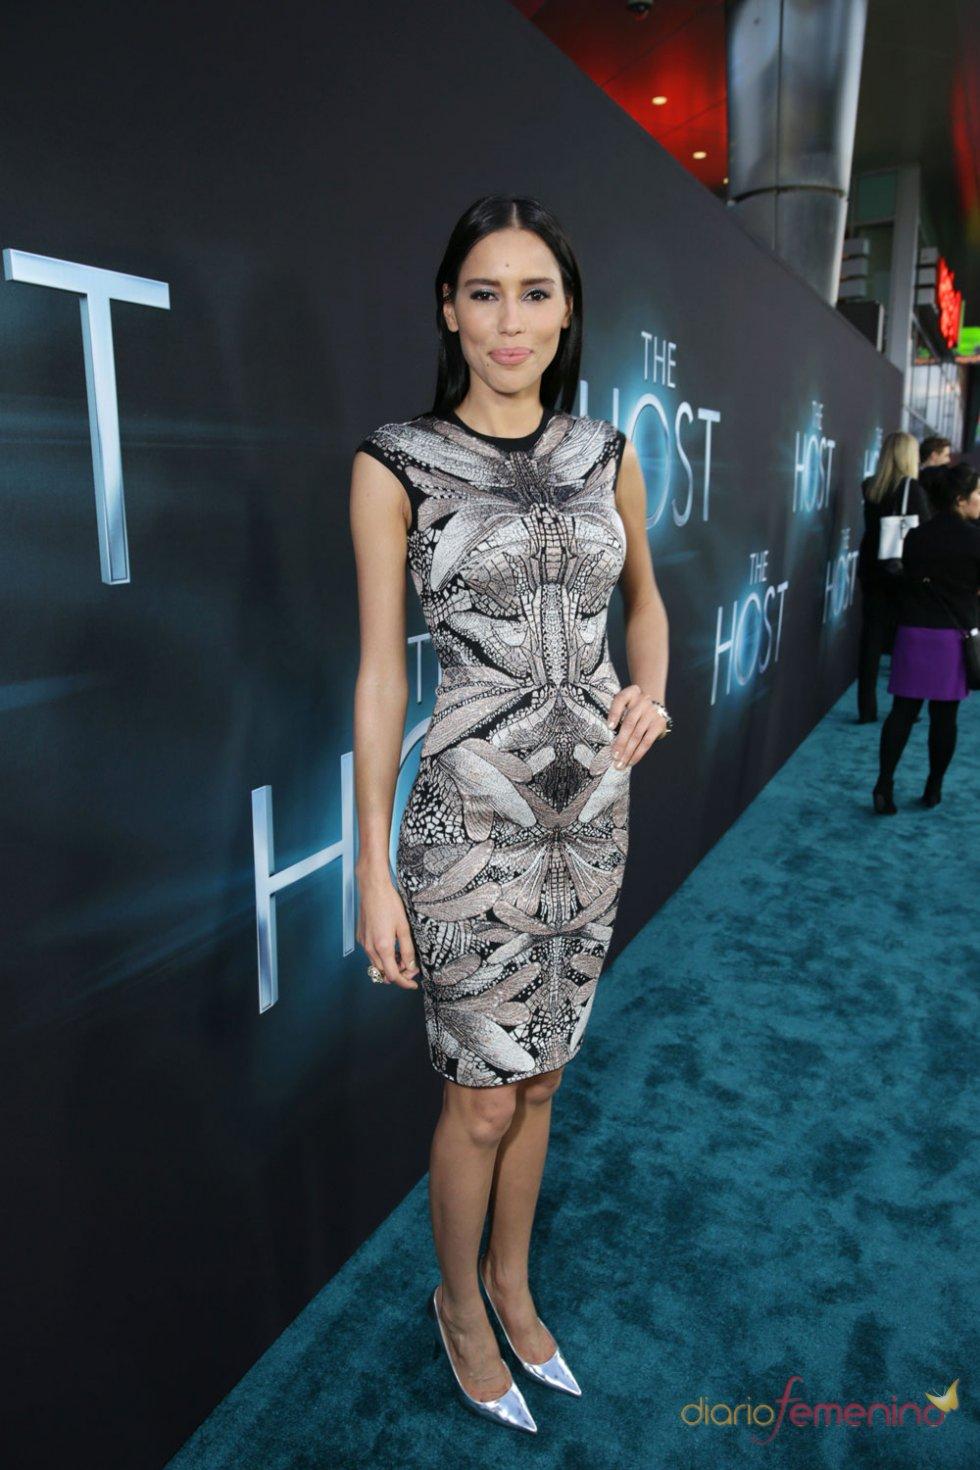 Rebecca Da Costa en el estreno de 'The Host' en Los Ángeles